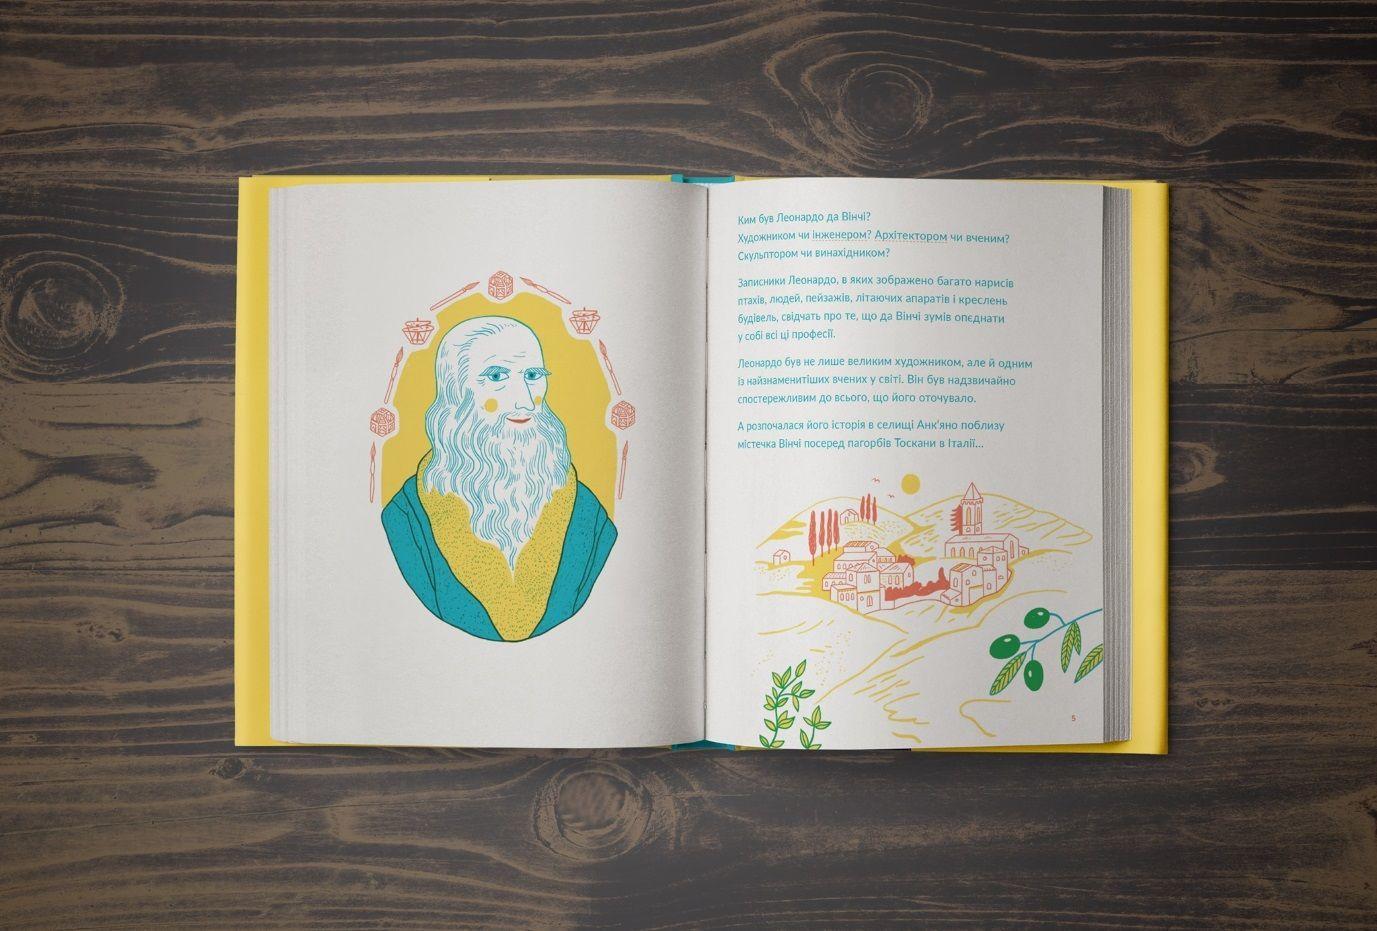 Маленькі історії Великих Людей. Леонардо да Вінчі, 2020 ВСЛ